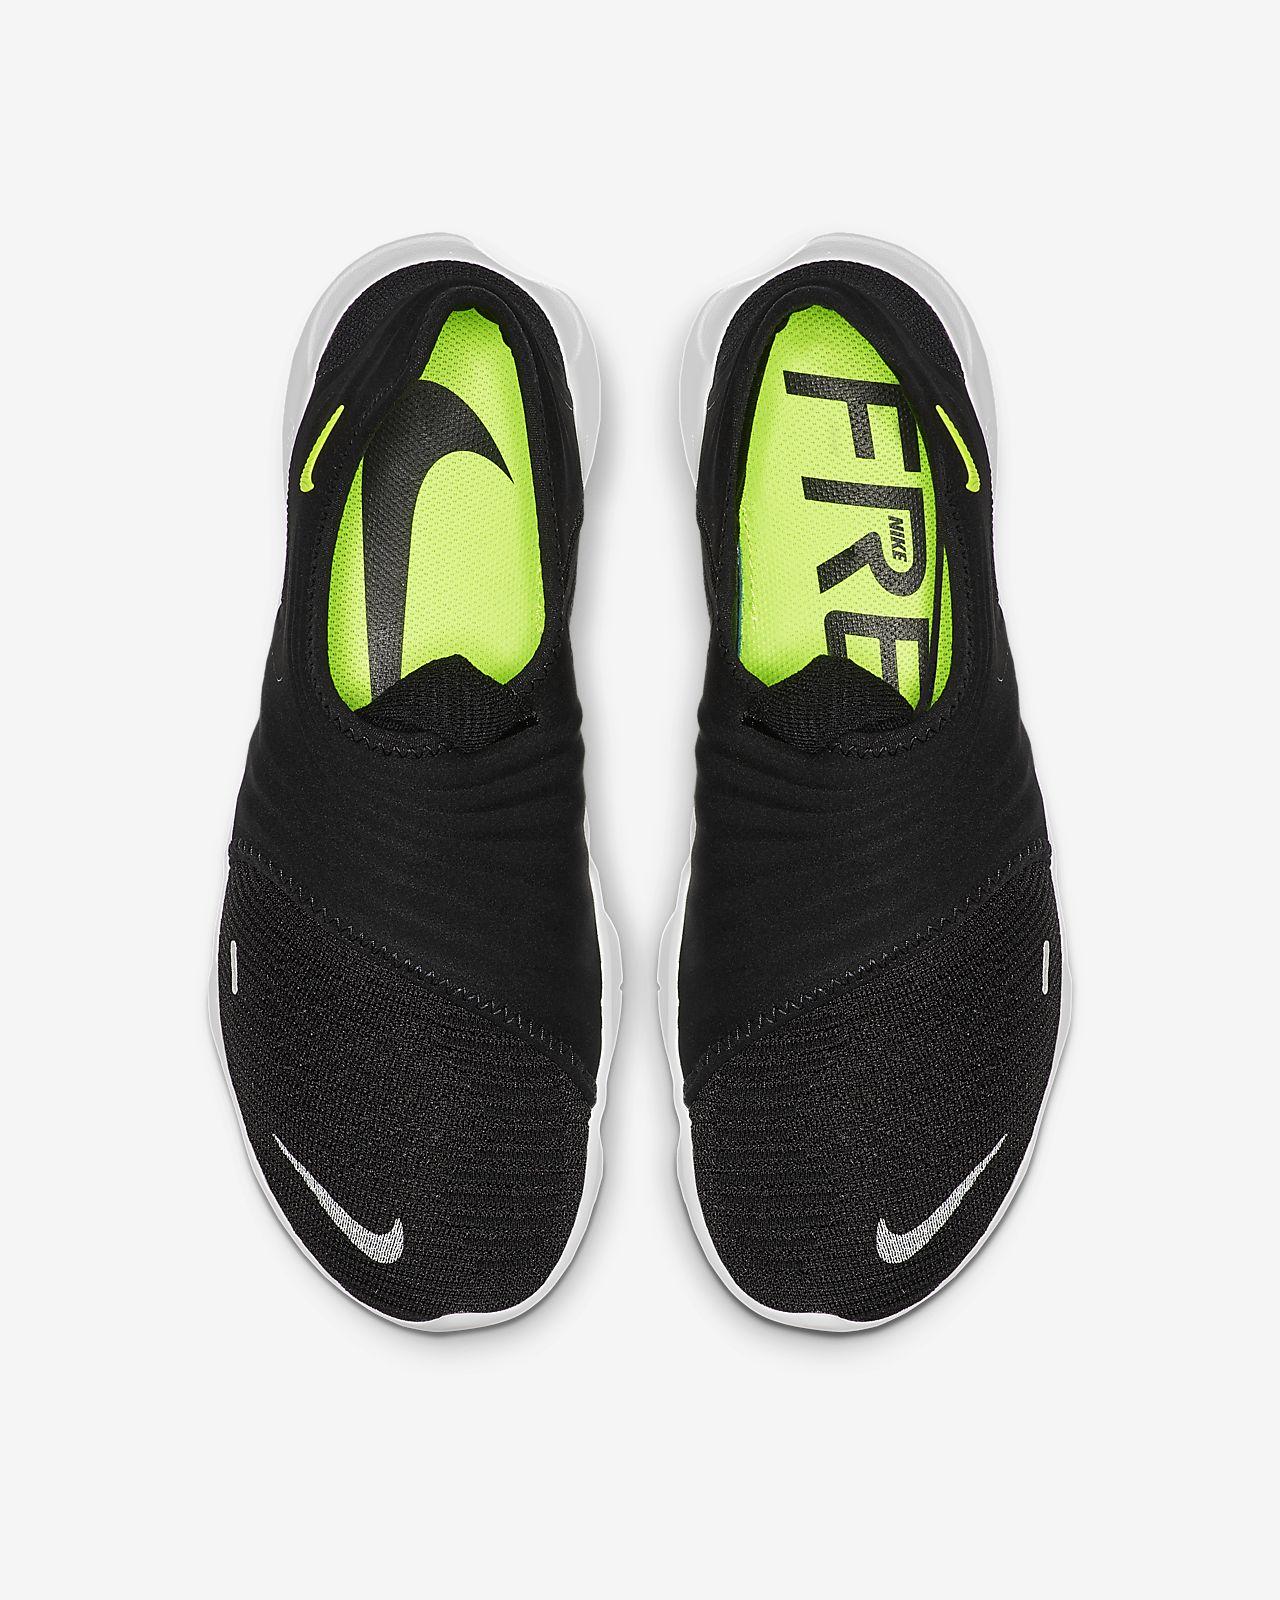 1b115c90e11 Nike Free RN Flyknit 3.0 Hardloopschoen voor heren. Nike.com BE